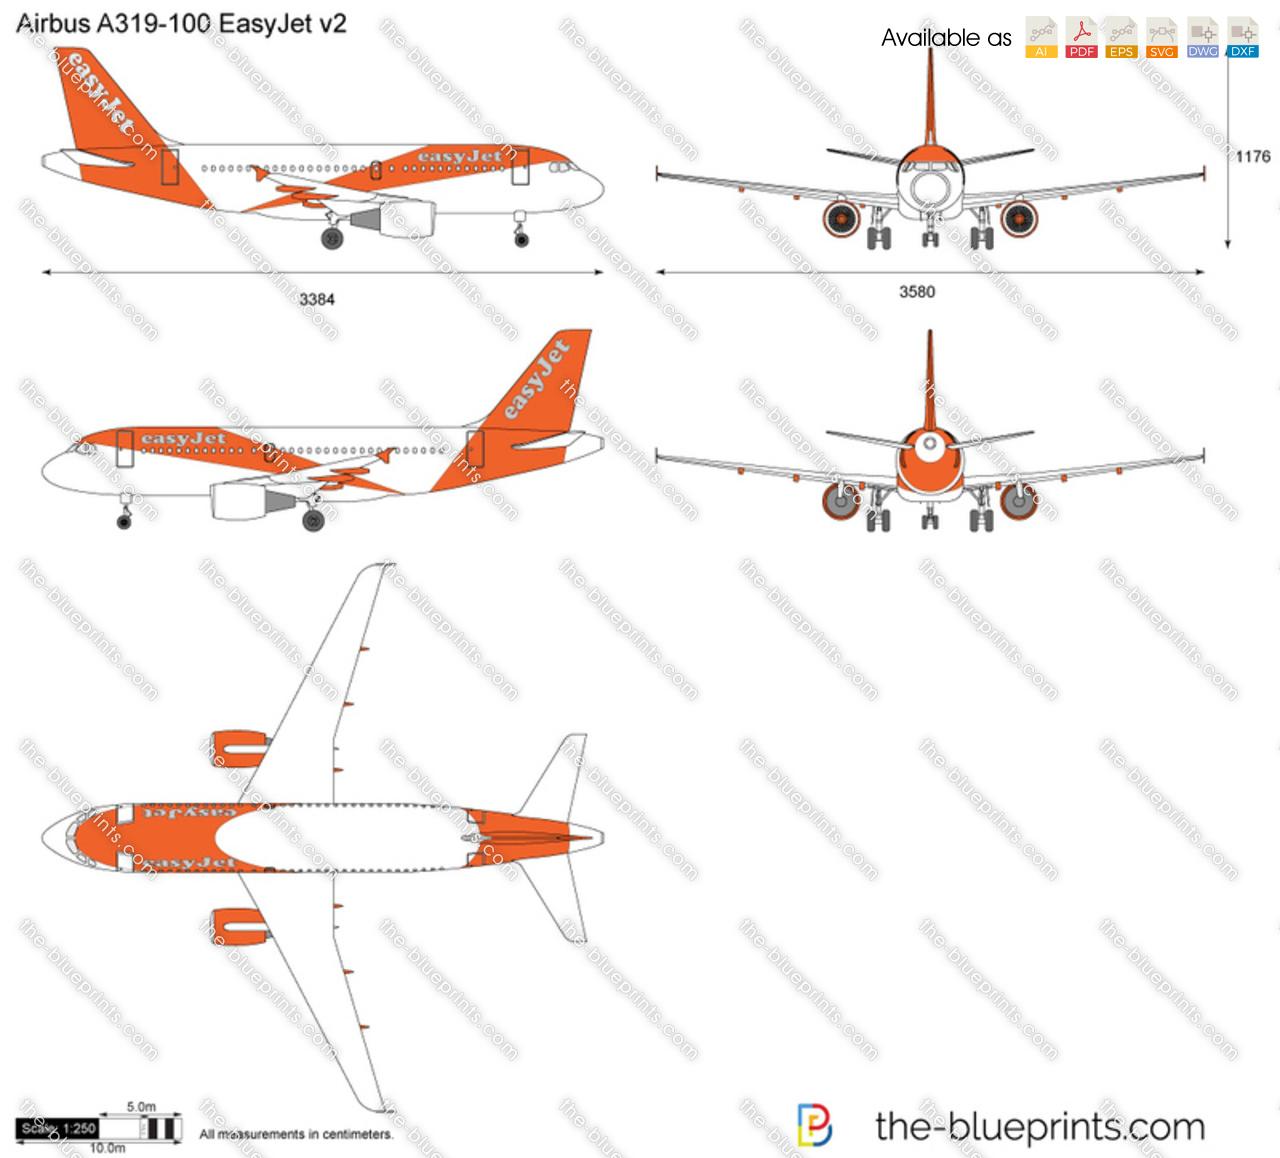 Airbus A319-100 EasyJet v2